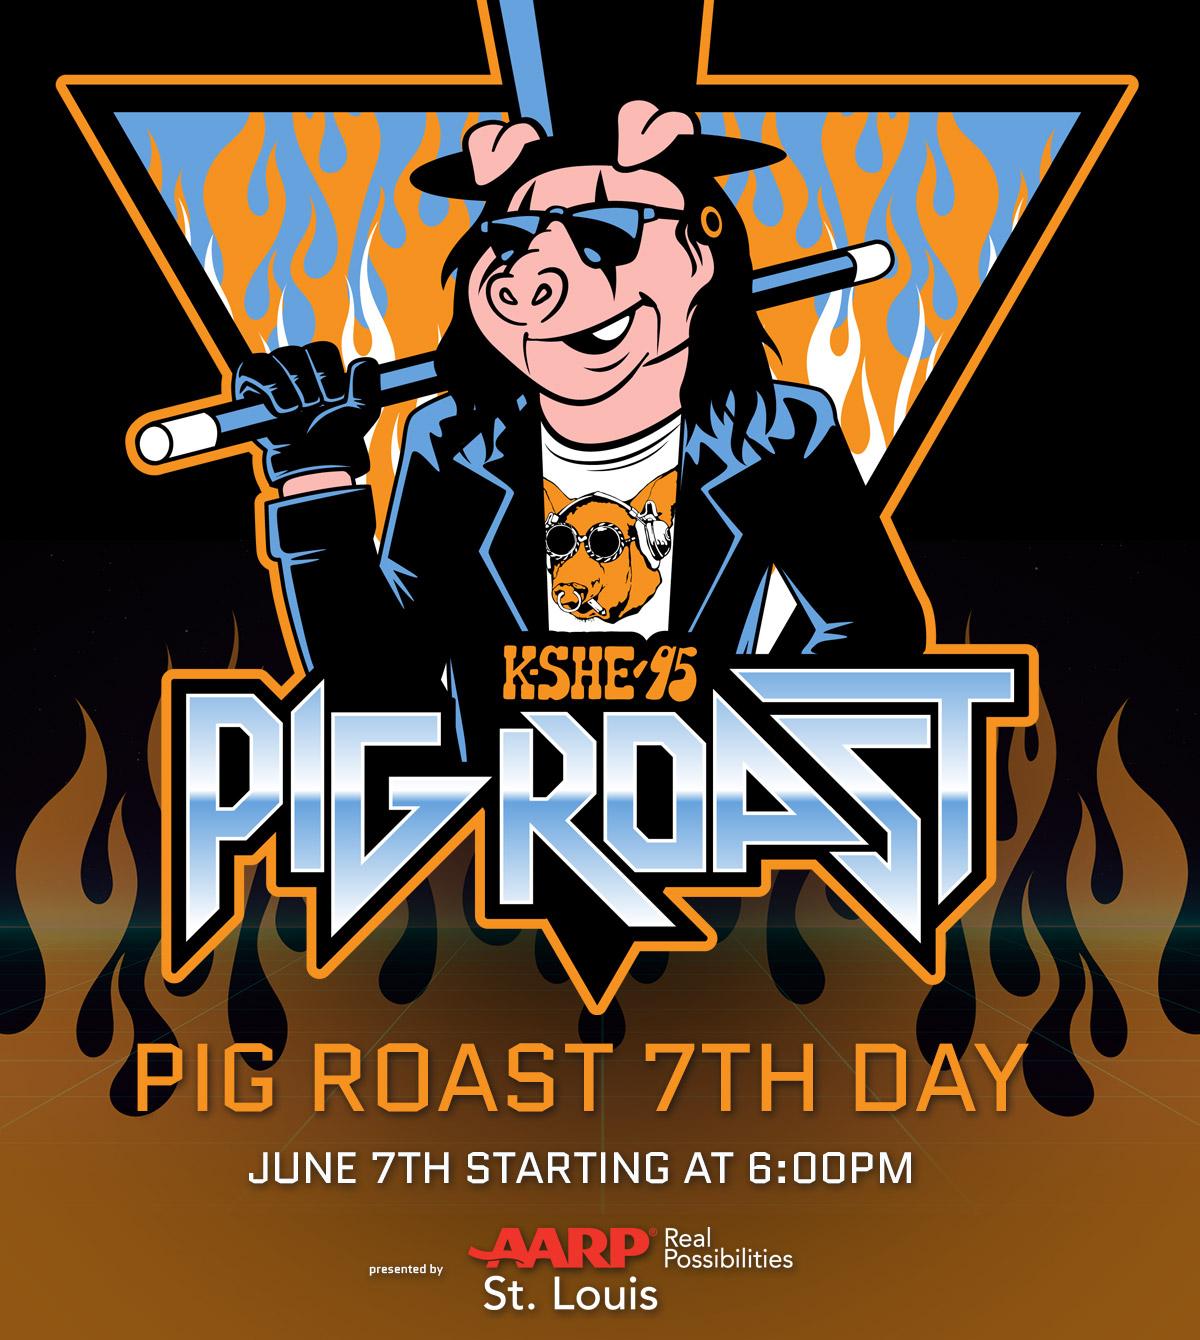 pig roast not cropped.jpg